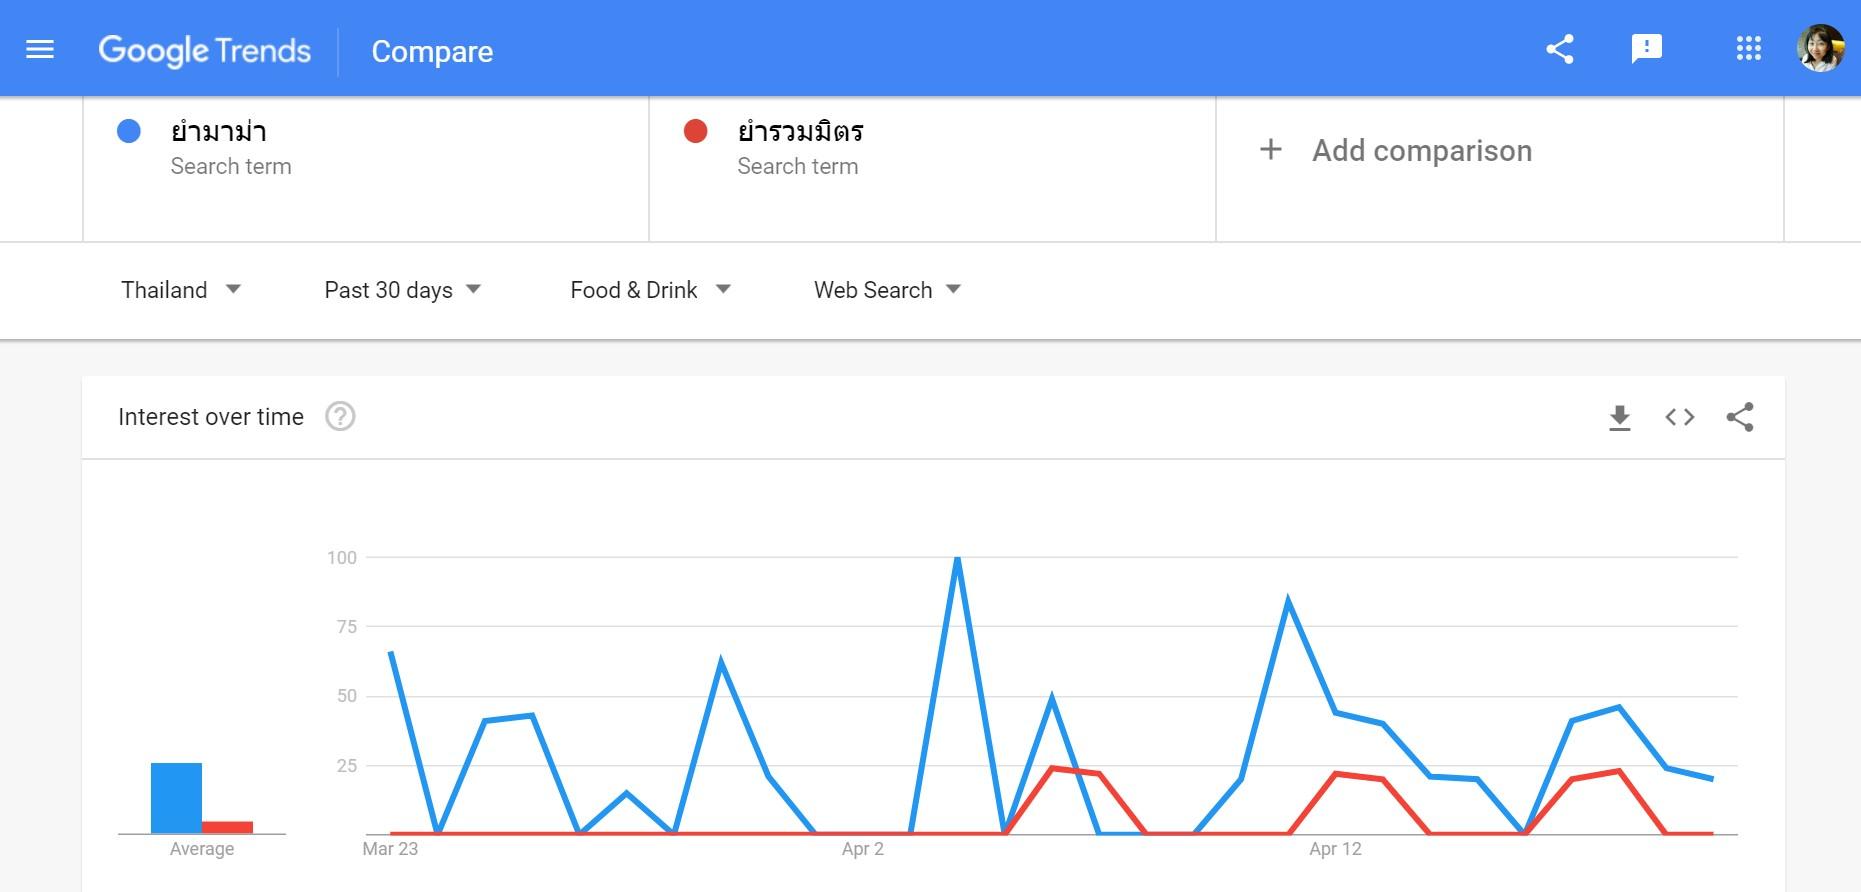 โปรแกรมหา keyword, google adwords ใช้ยังไง, หา keyword ฟรี, ร้านยำ ใกล้ฉัน